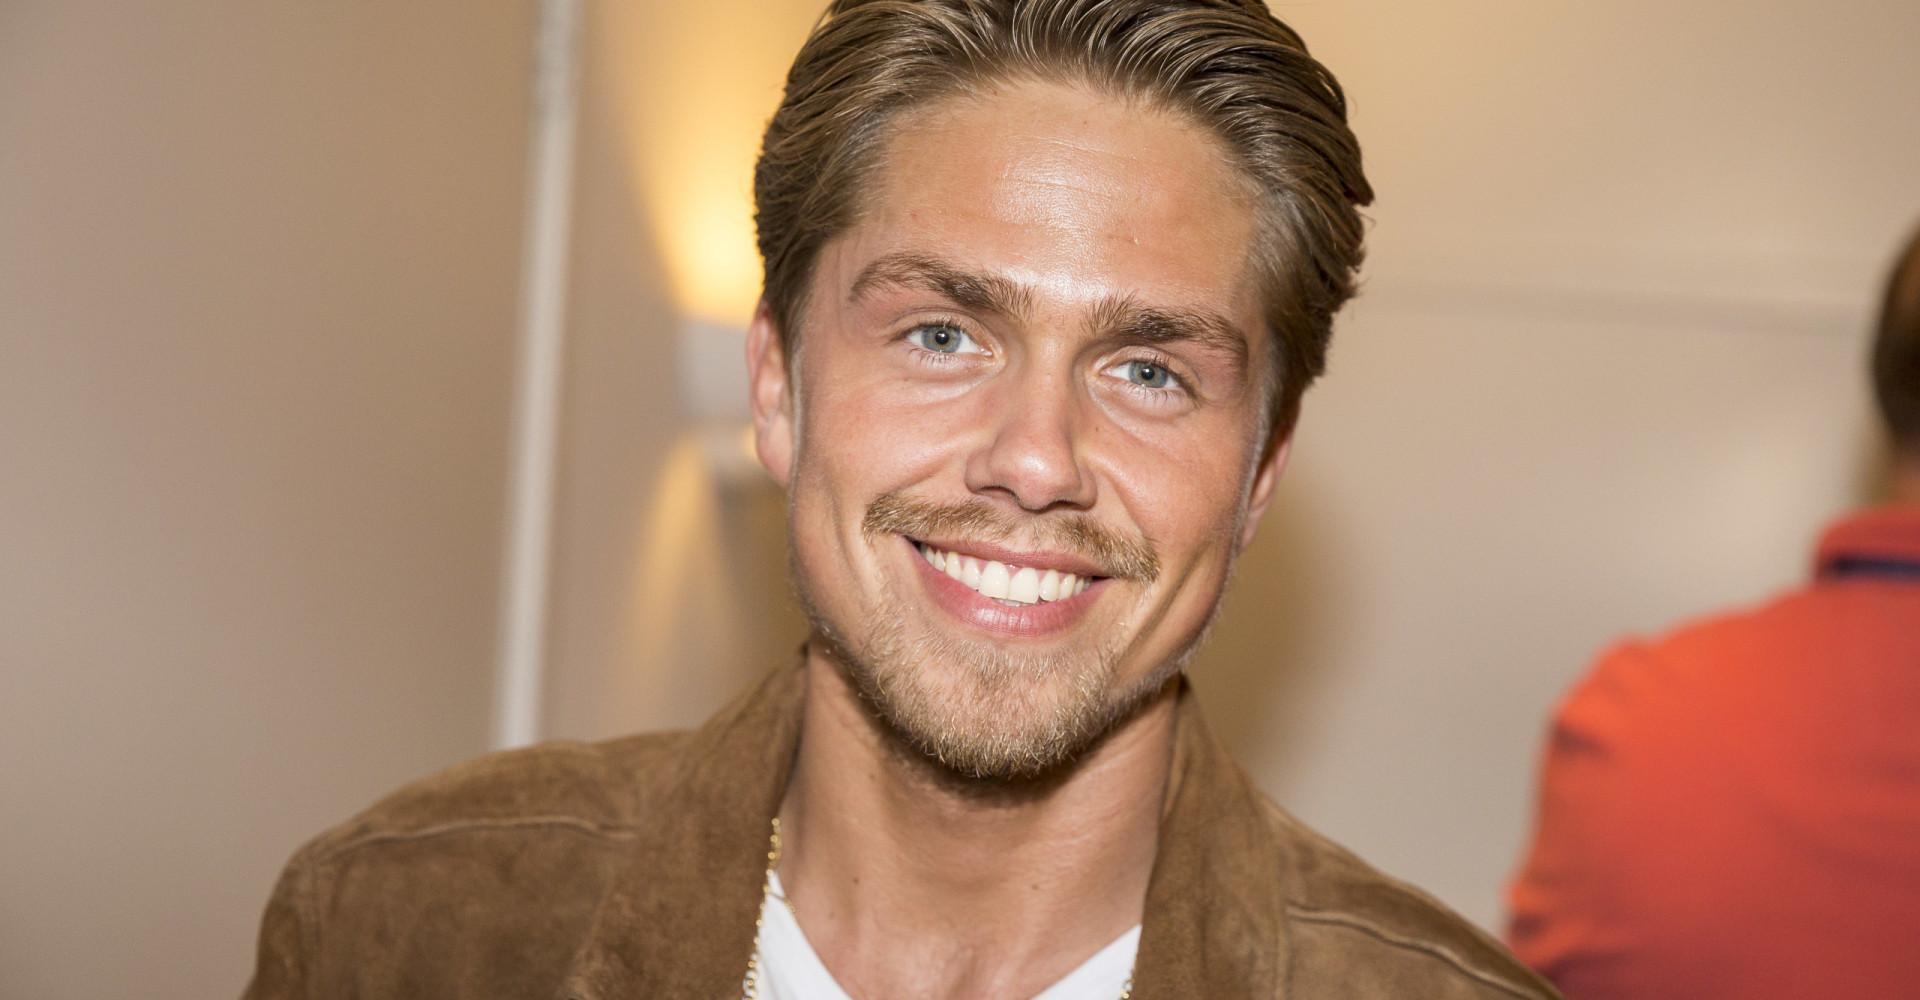 Zoontje Andre Hazes leert tandenpoetsen met YouTube-filmpje